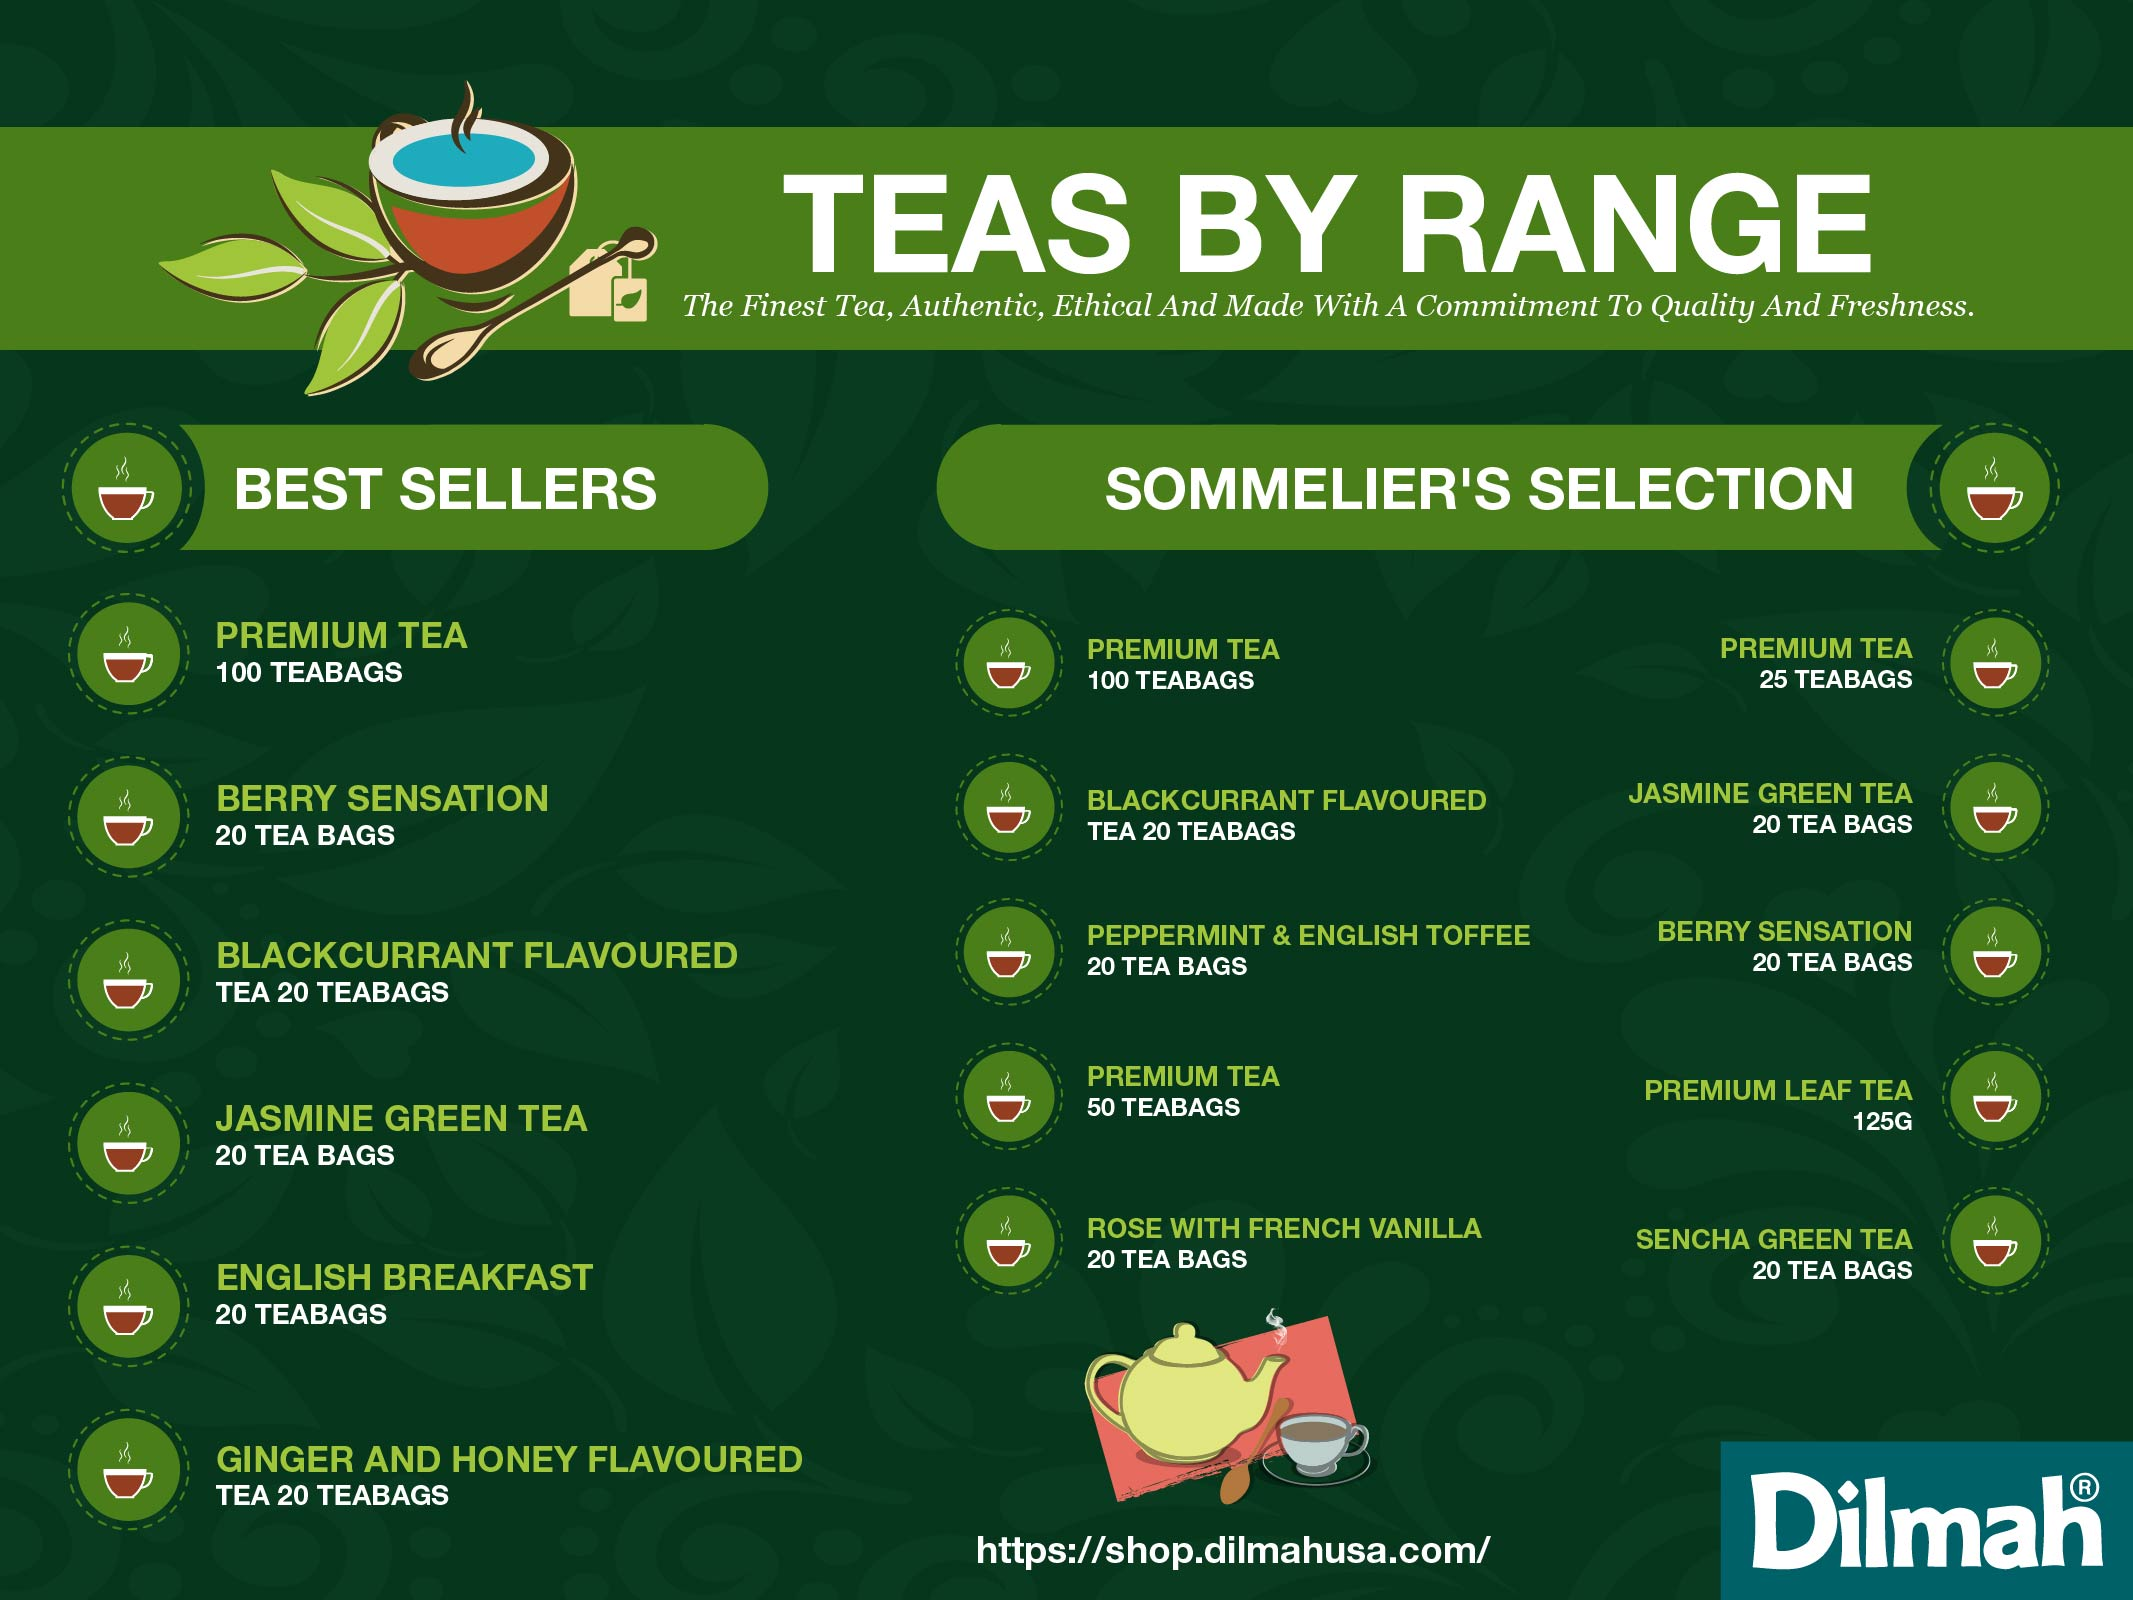 Dilmah - Teas by range-01